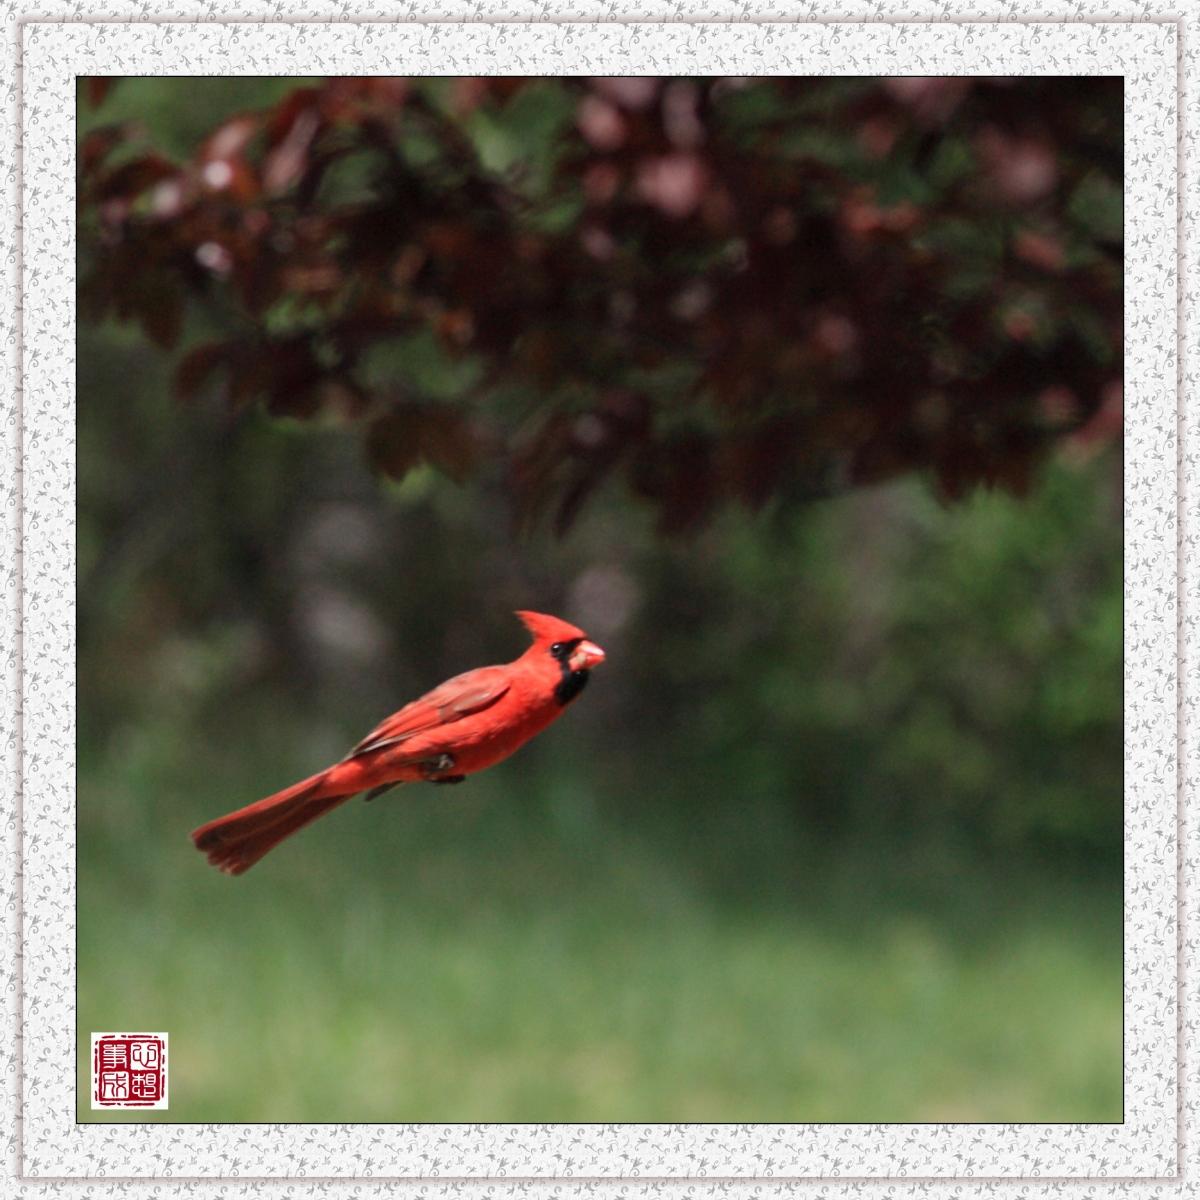 【心想事成】红衣教主鸟_图1-7